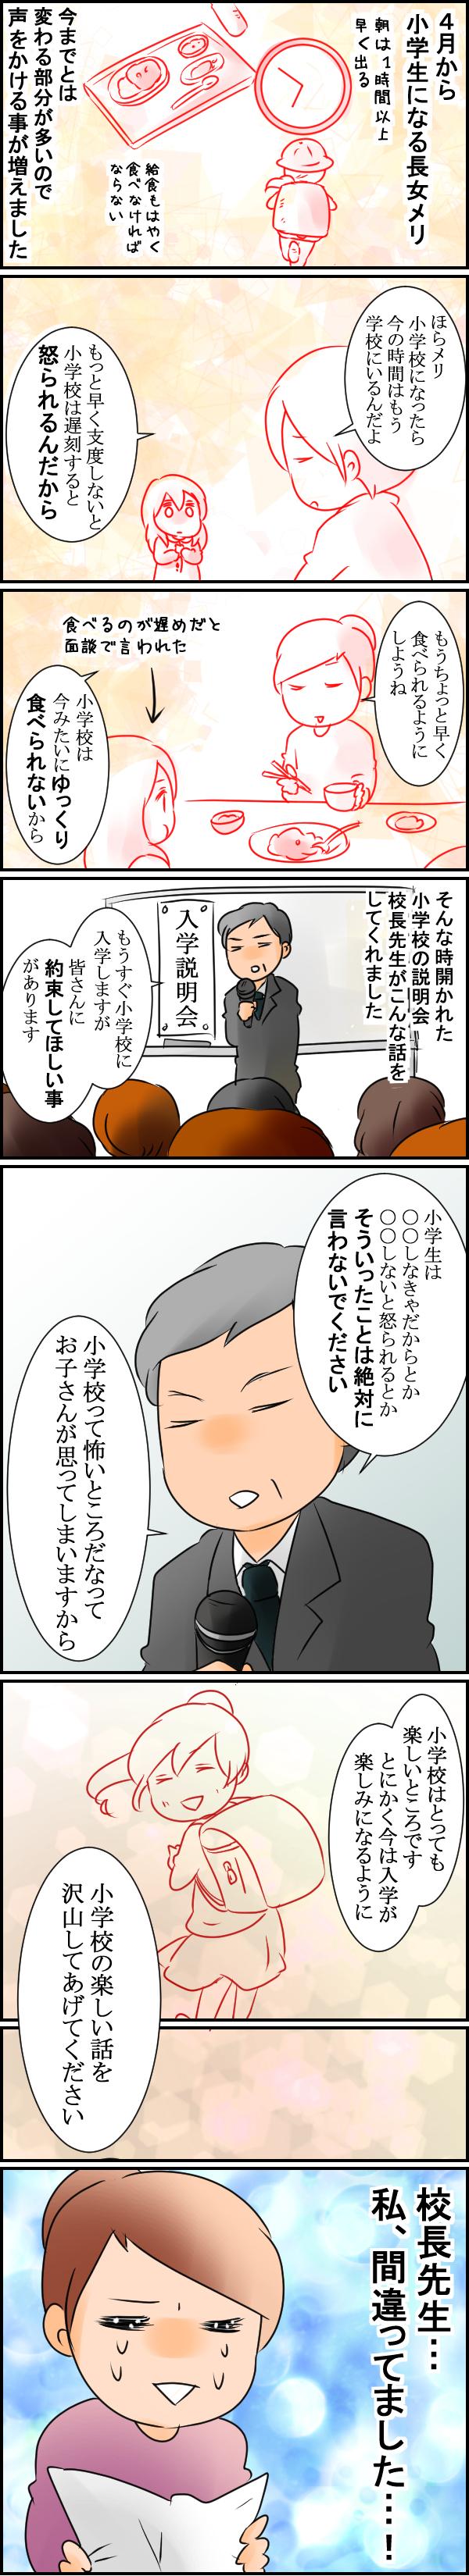 「小学生なんだからしっかり!」という声かけに対する先生の話が目からウロコ!の画像1